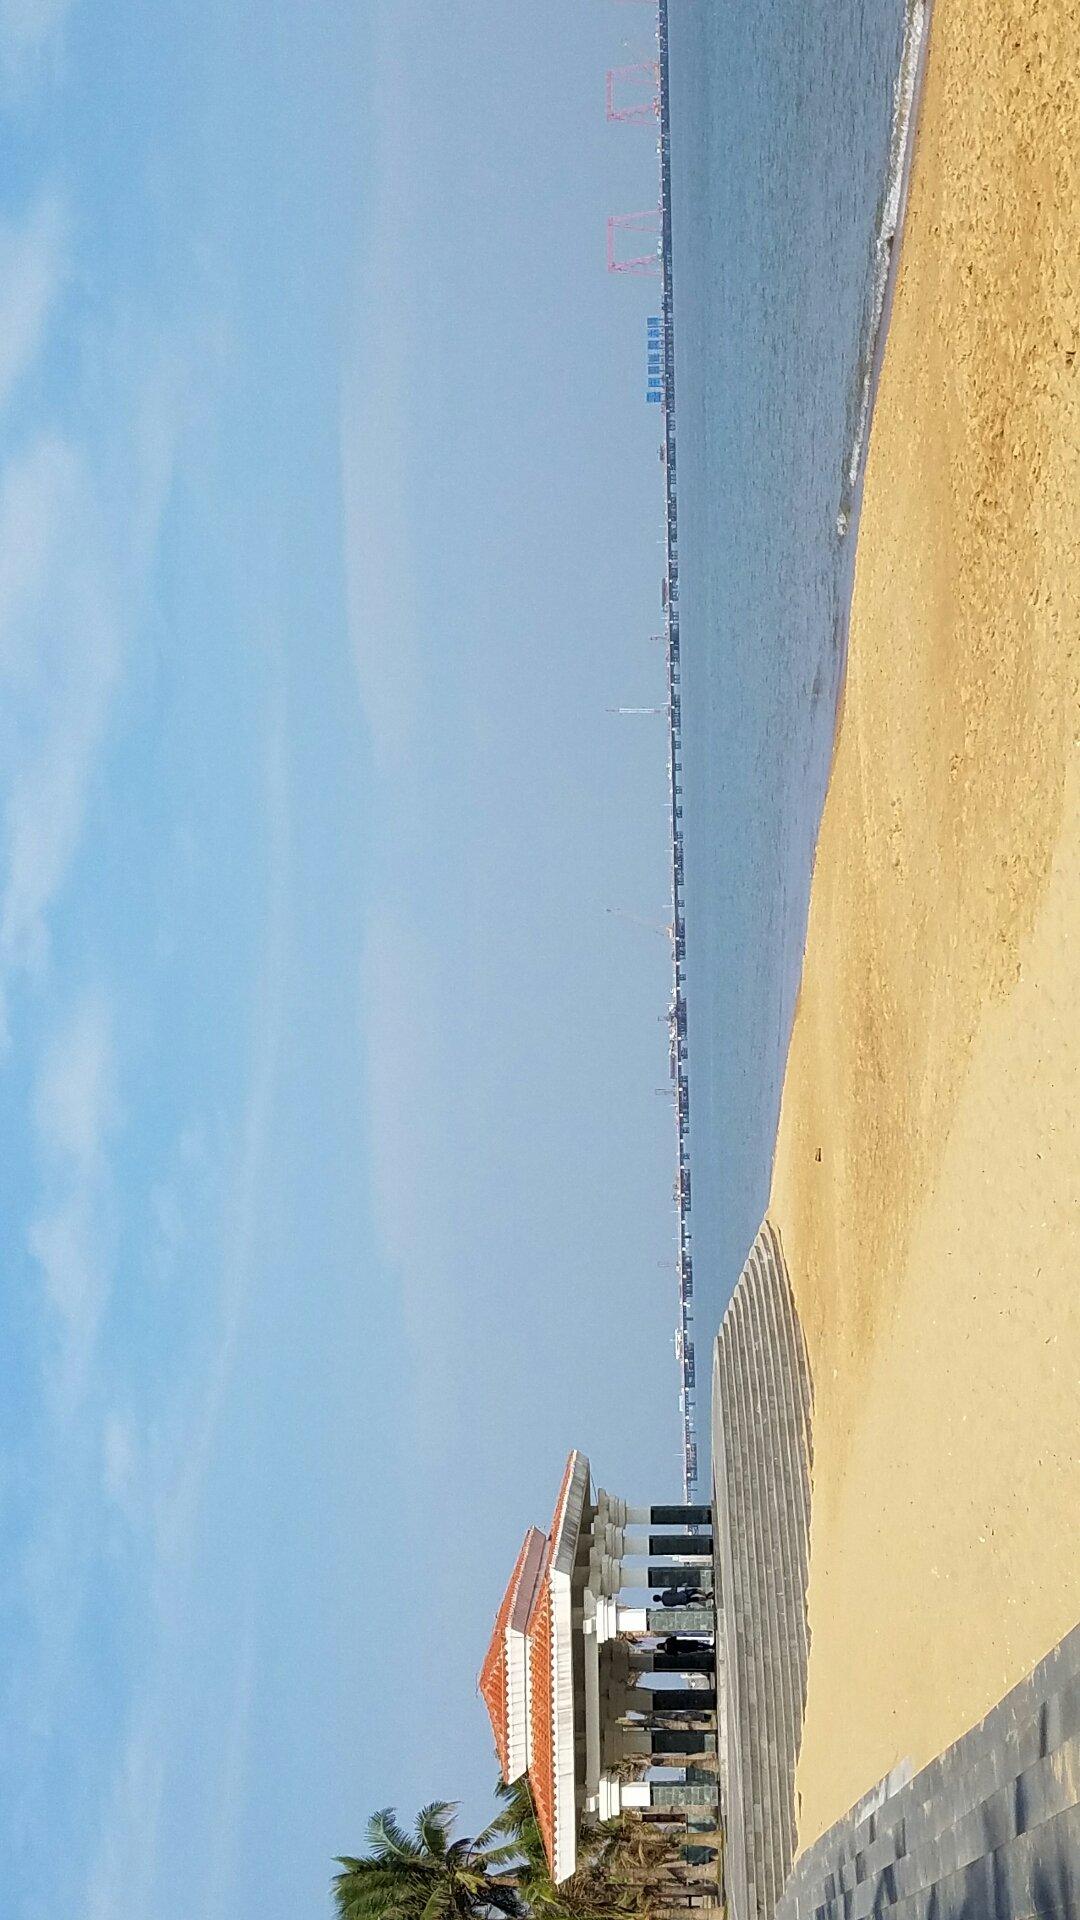 海南省海口市秀英区滨海大道靠近海口假日海滩开发管理有限公司天气预报